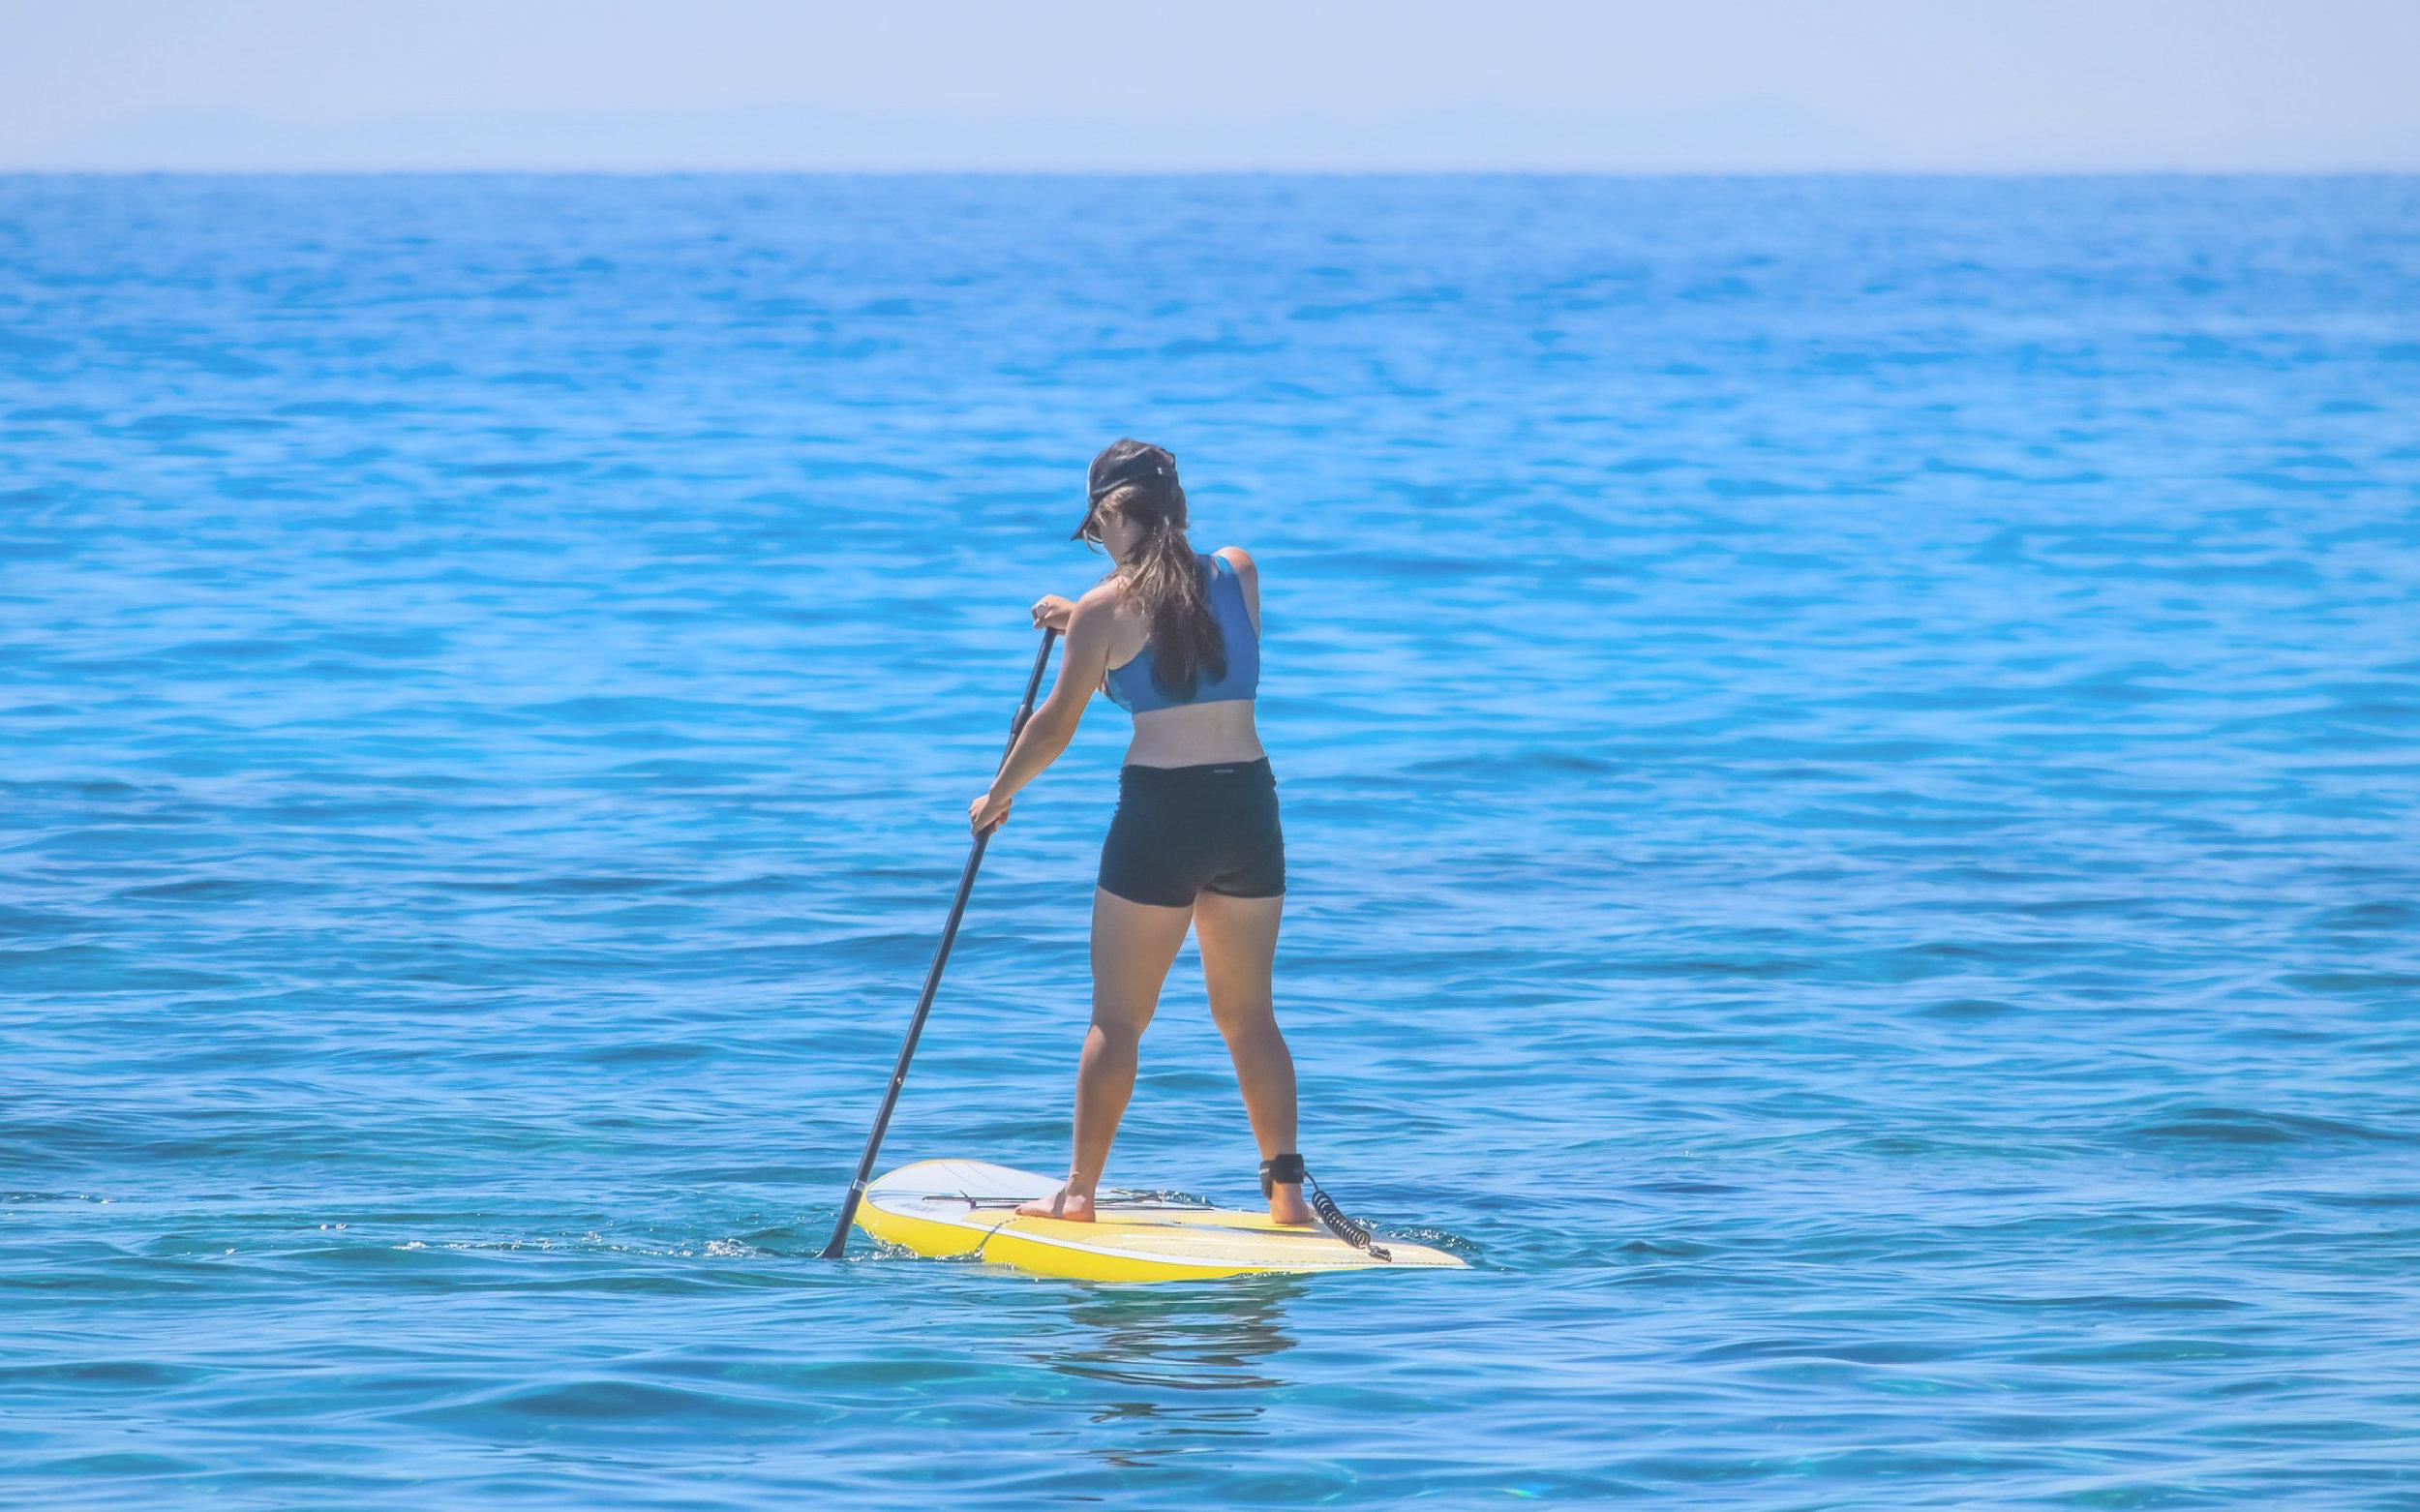 paddleboarding-3297011_1920-01.jpg